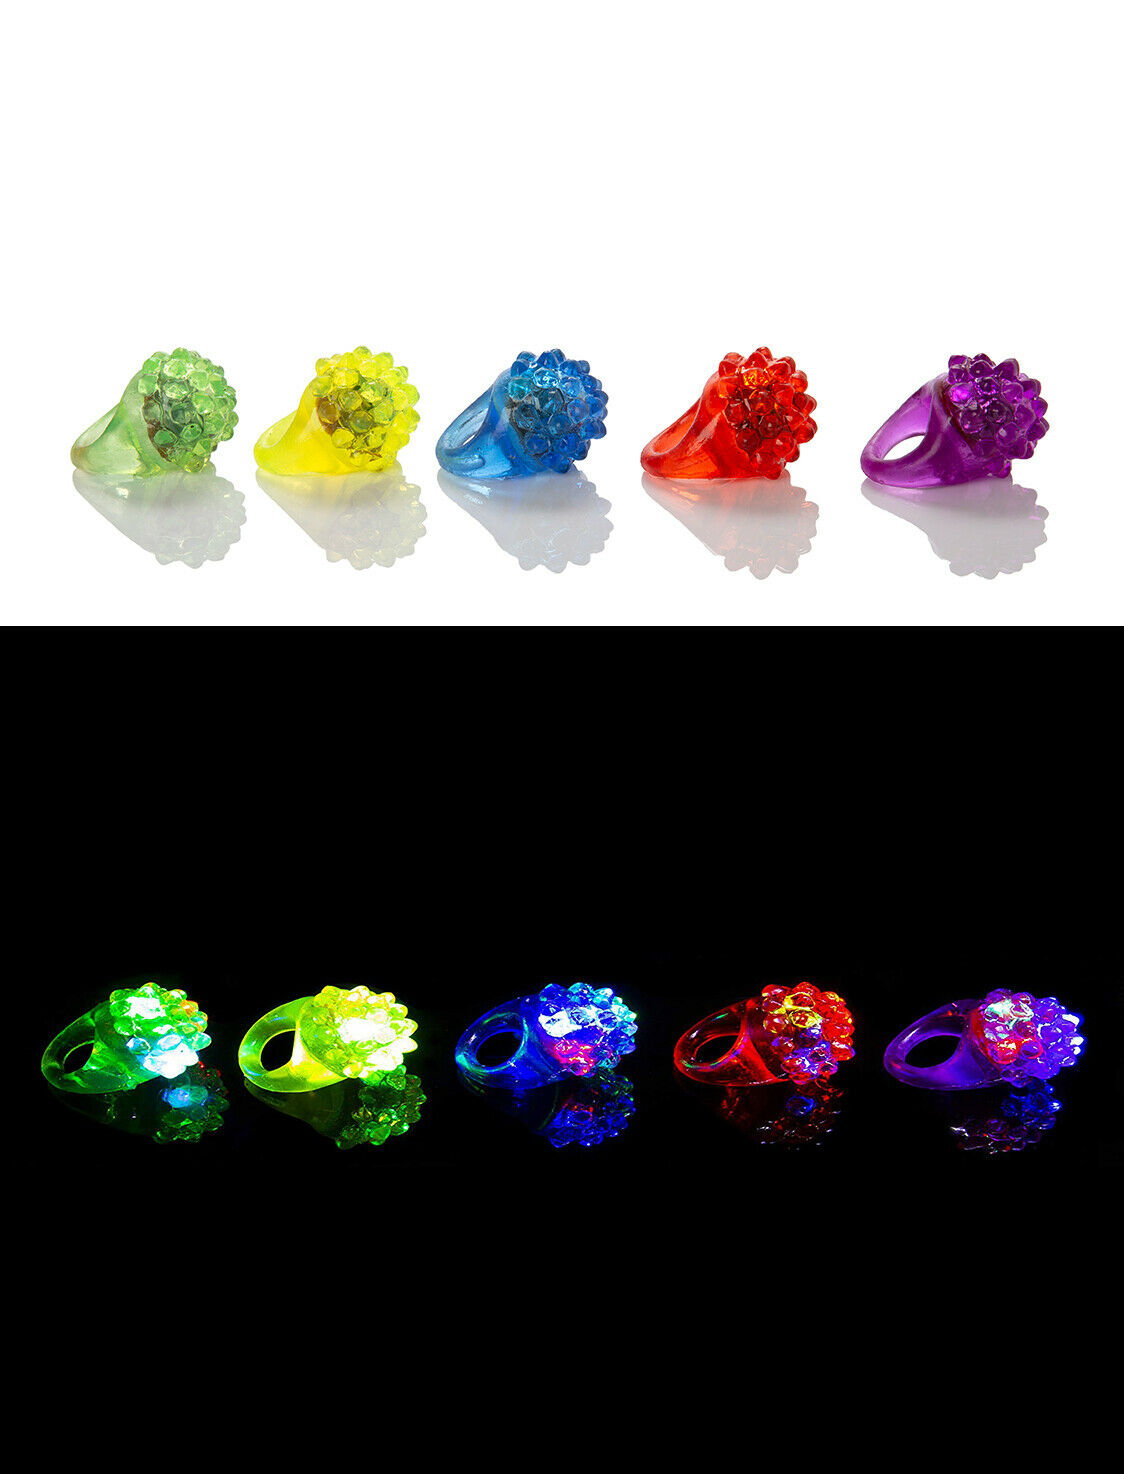 96 X Bumpy Clignotant LED Gelée Anneaux Lumière Doigt Préchauffage Jouet Fête